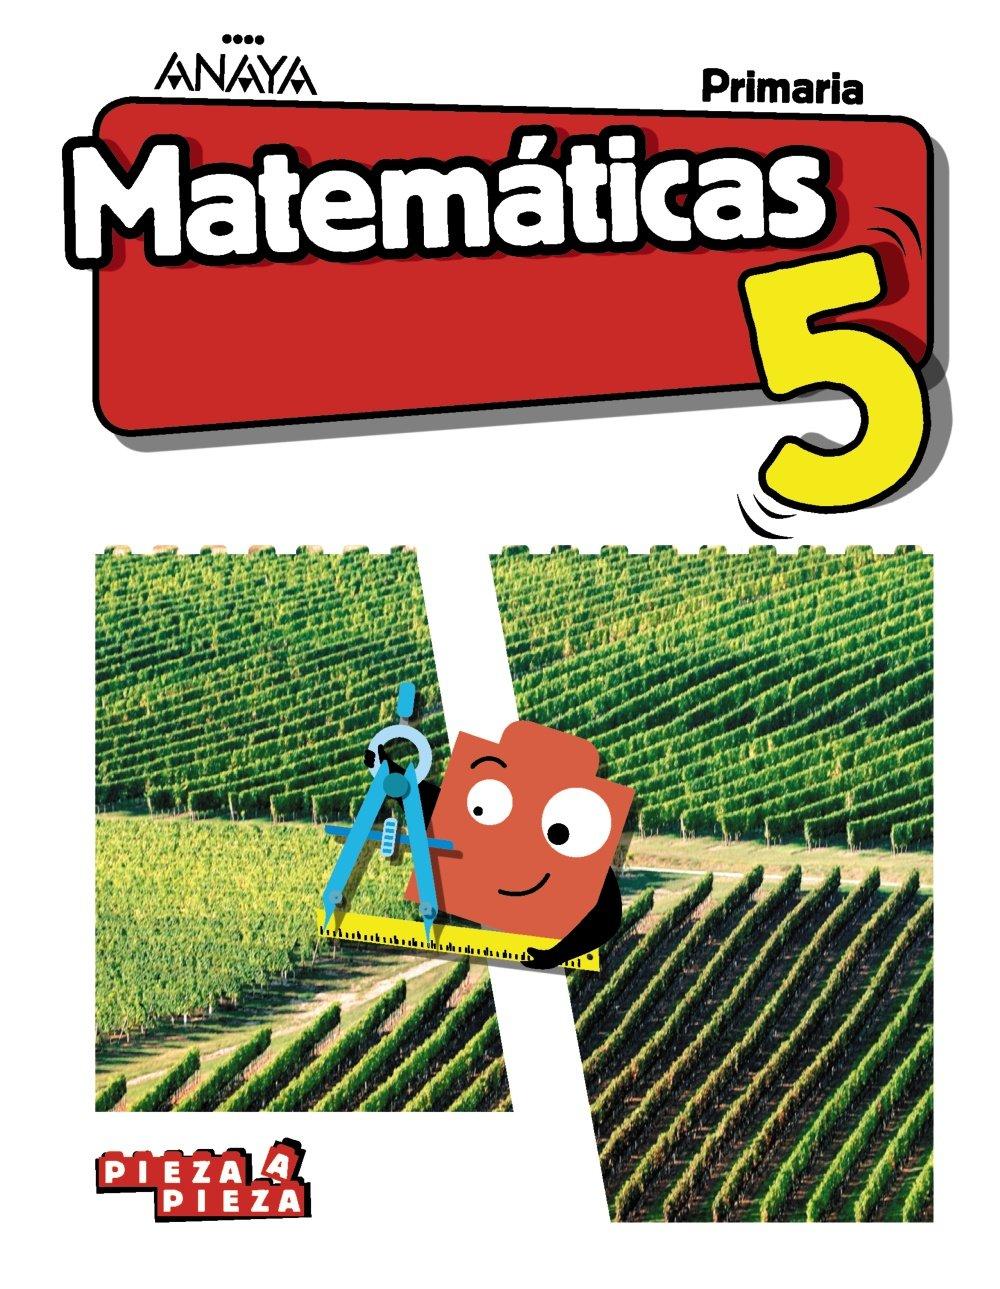 Matemáticas 5 Pieza A Pieza Primero Segundo Y Tercer Trimestre Ferrero De Pablo Luis Martín Martín Pablo Quevedo Blasco Víctor José Gómez Quesada José Manuel Amazon Es Libros